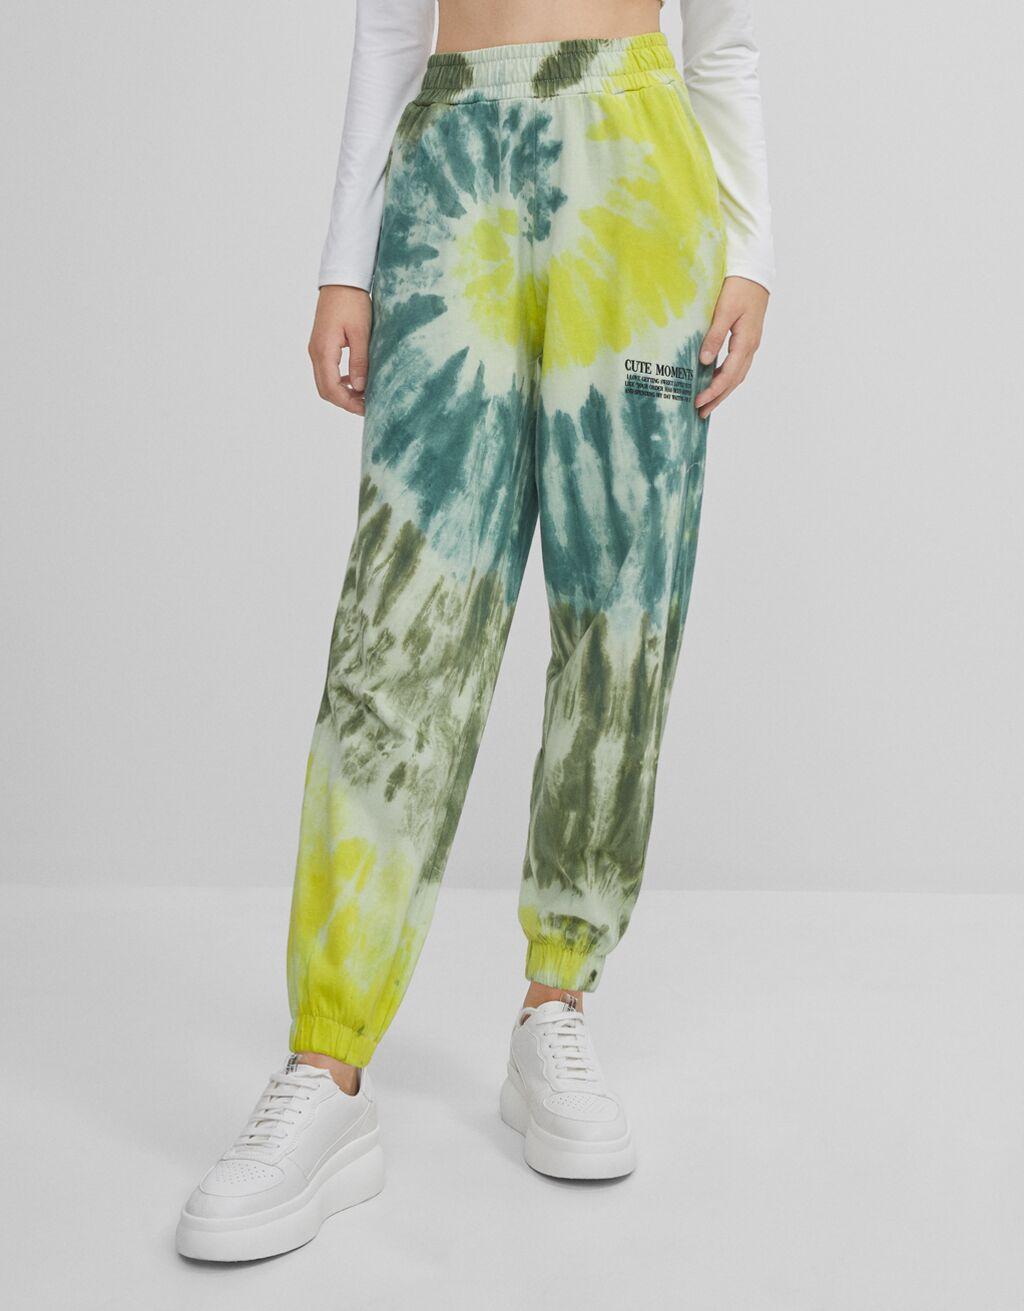 Tie-dye joggers